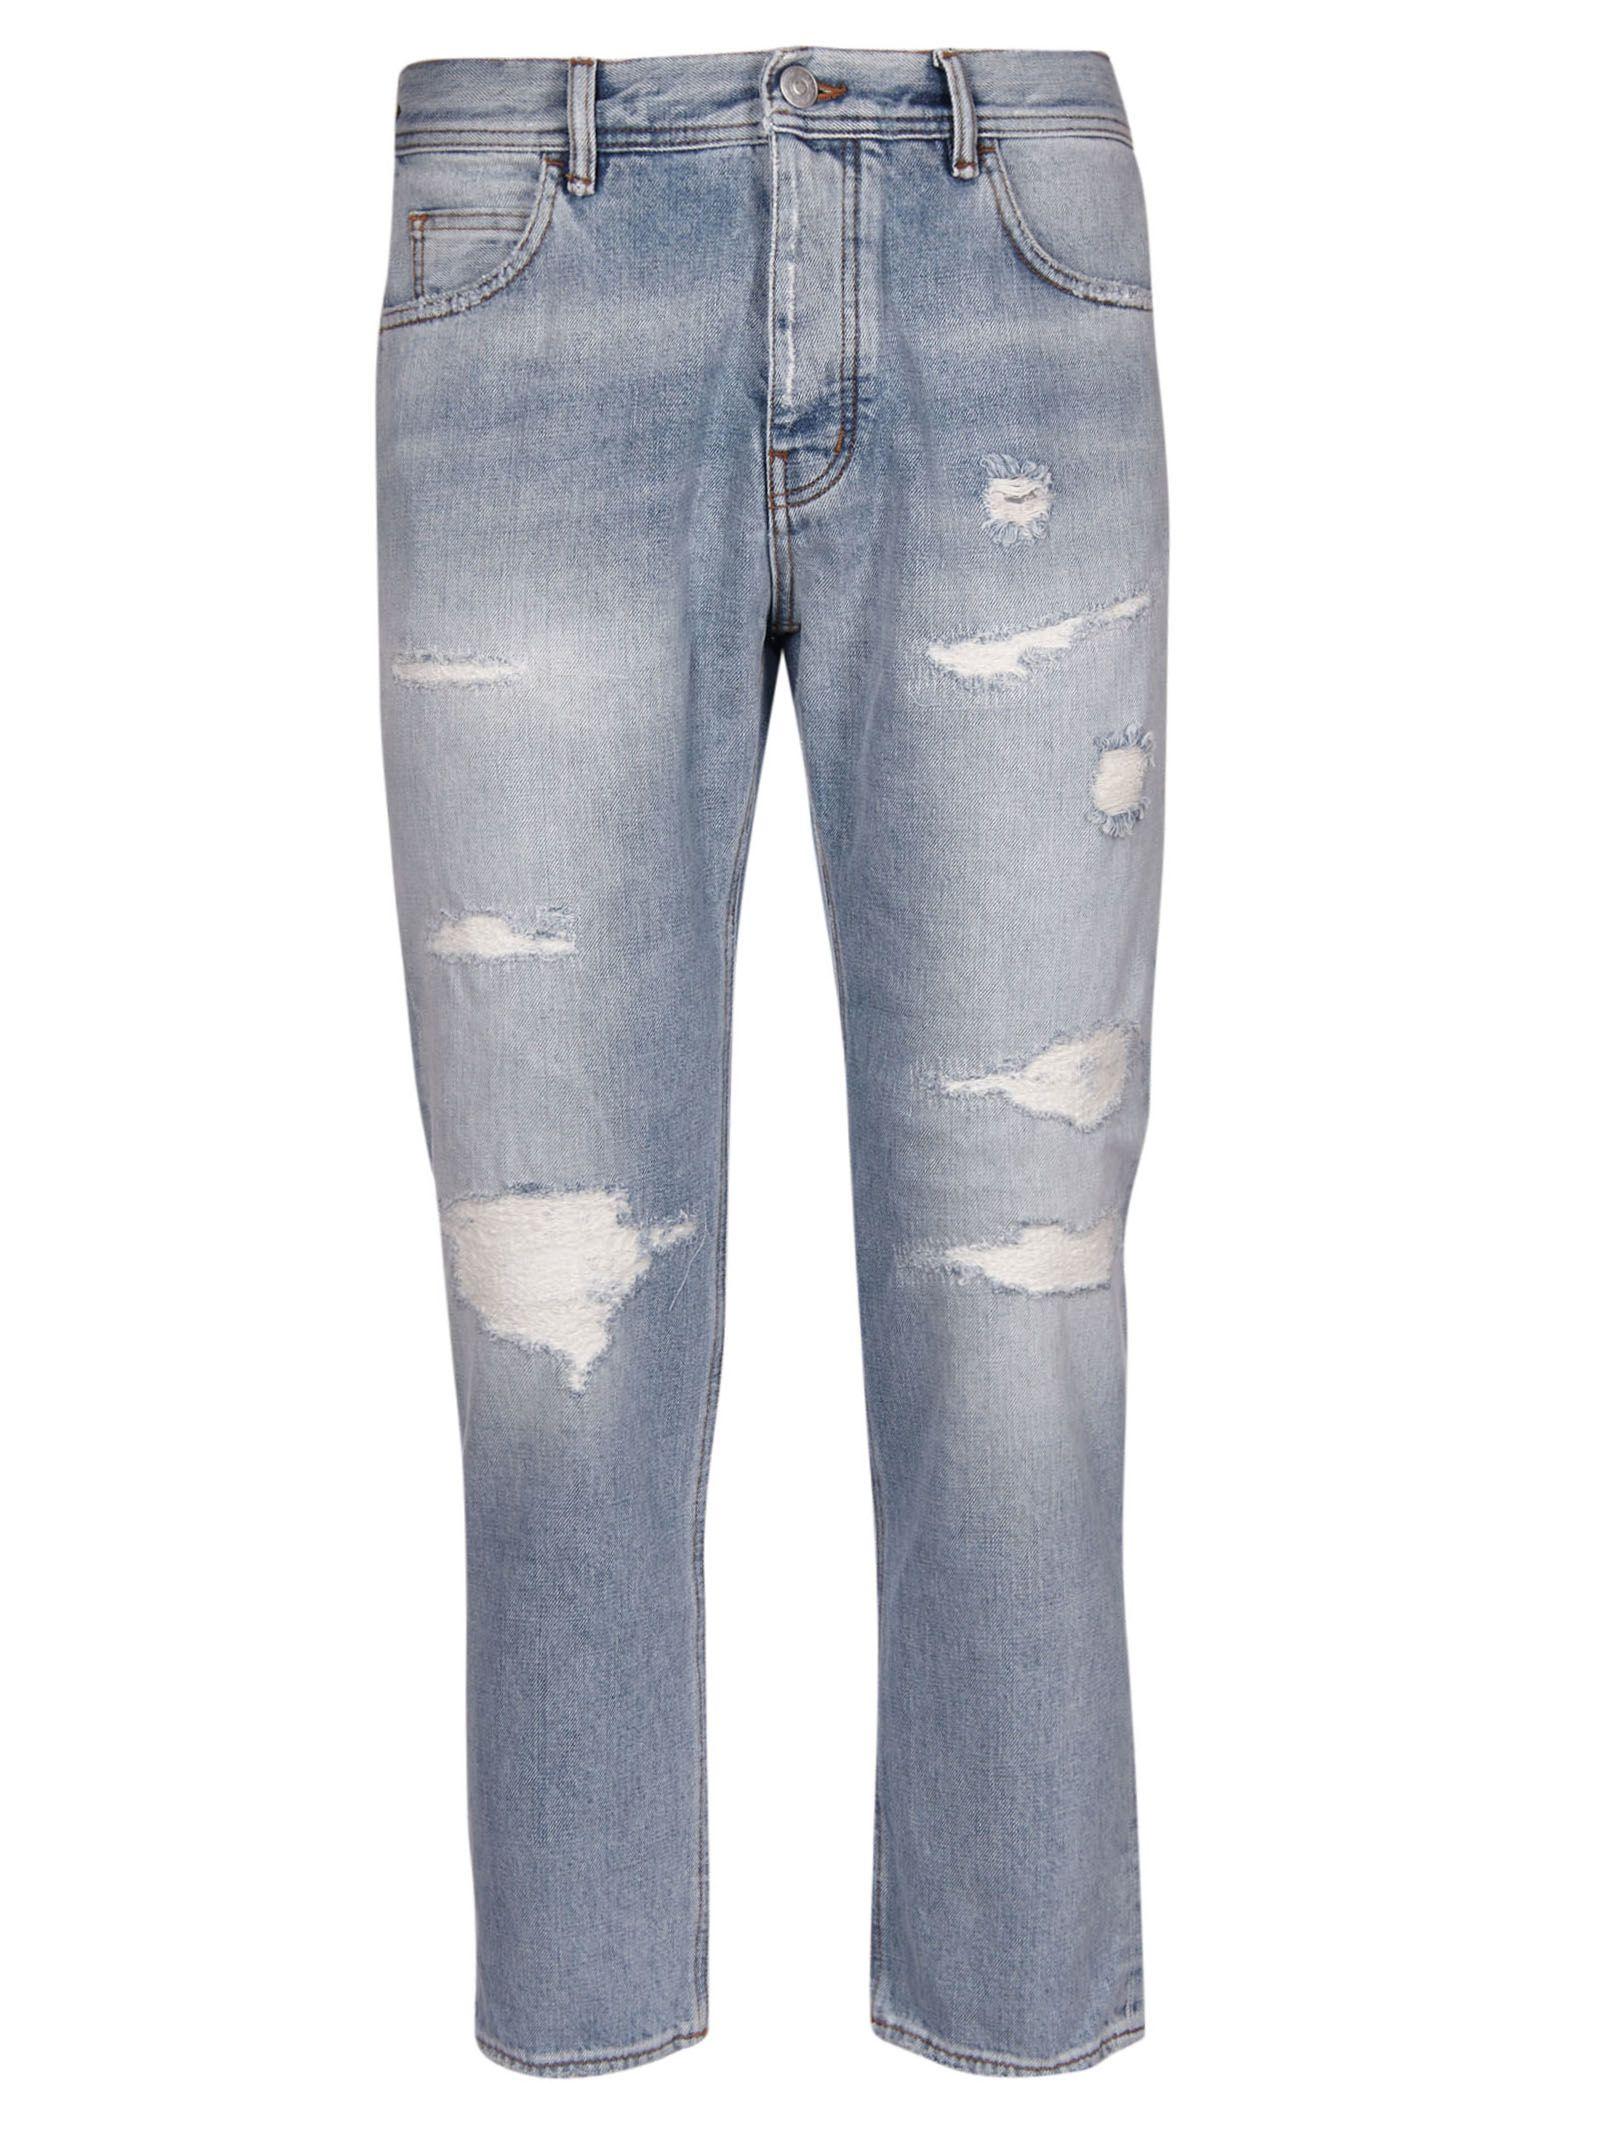 HAIKURE Tokyo Slim Jeans in Blue